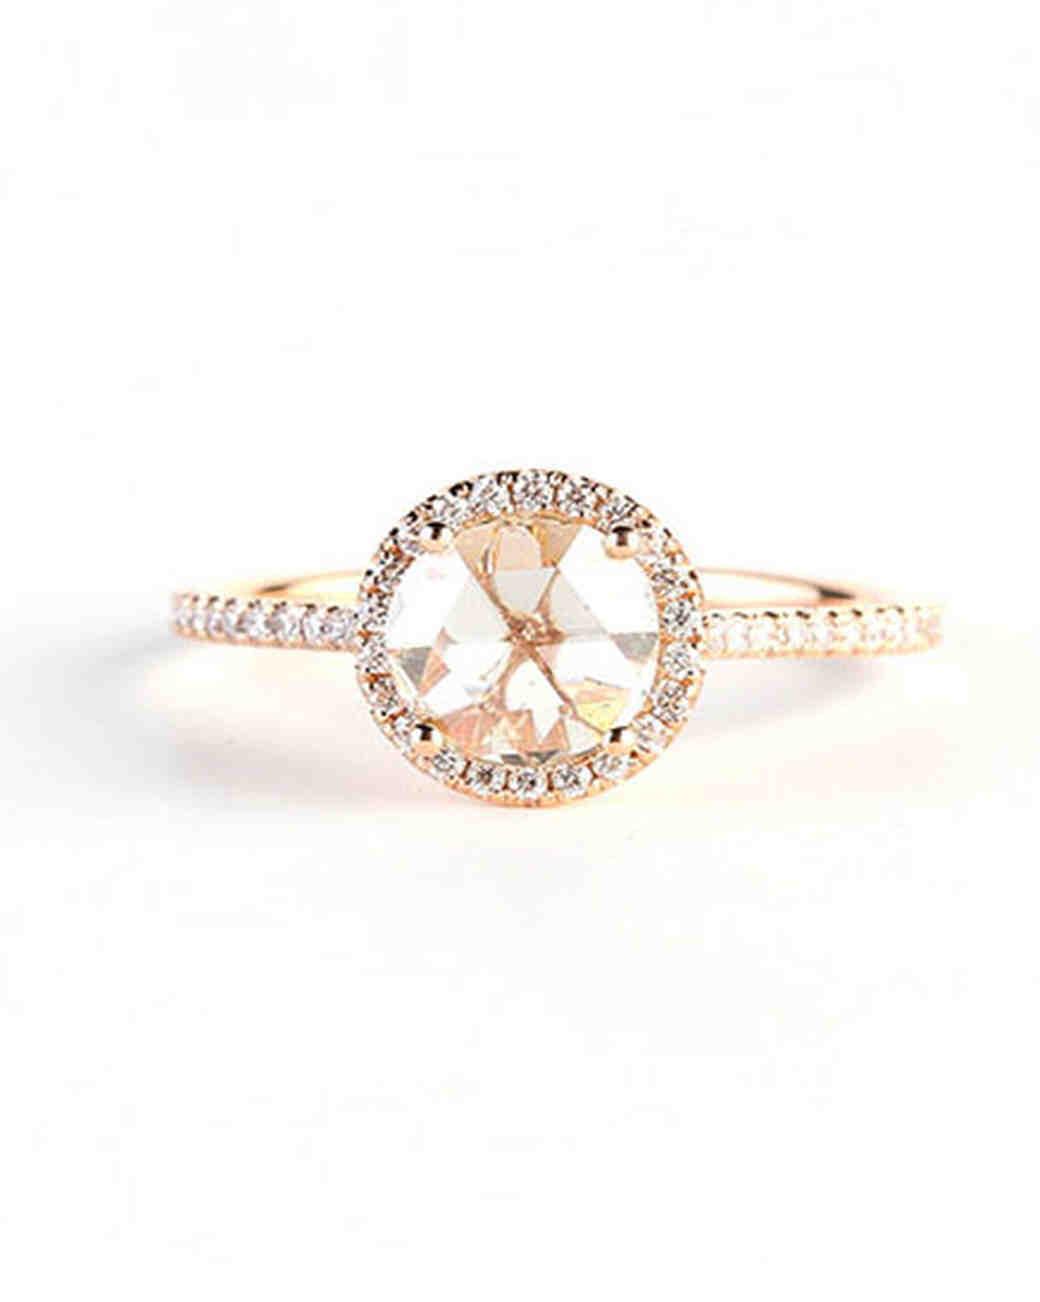 new-engagement-ring-designers-suzanne-kalan-rose-0515.jpg